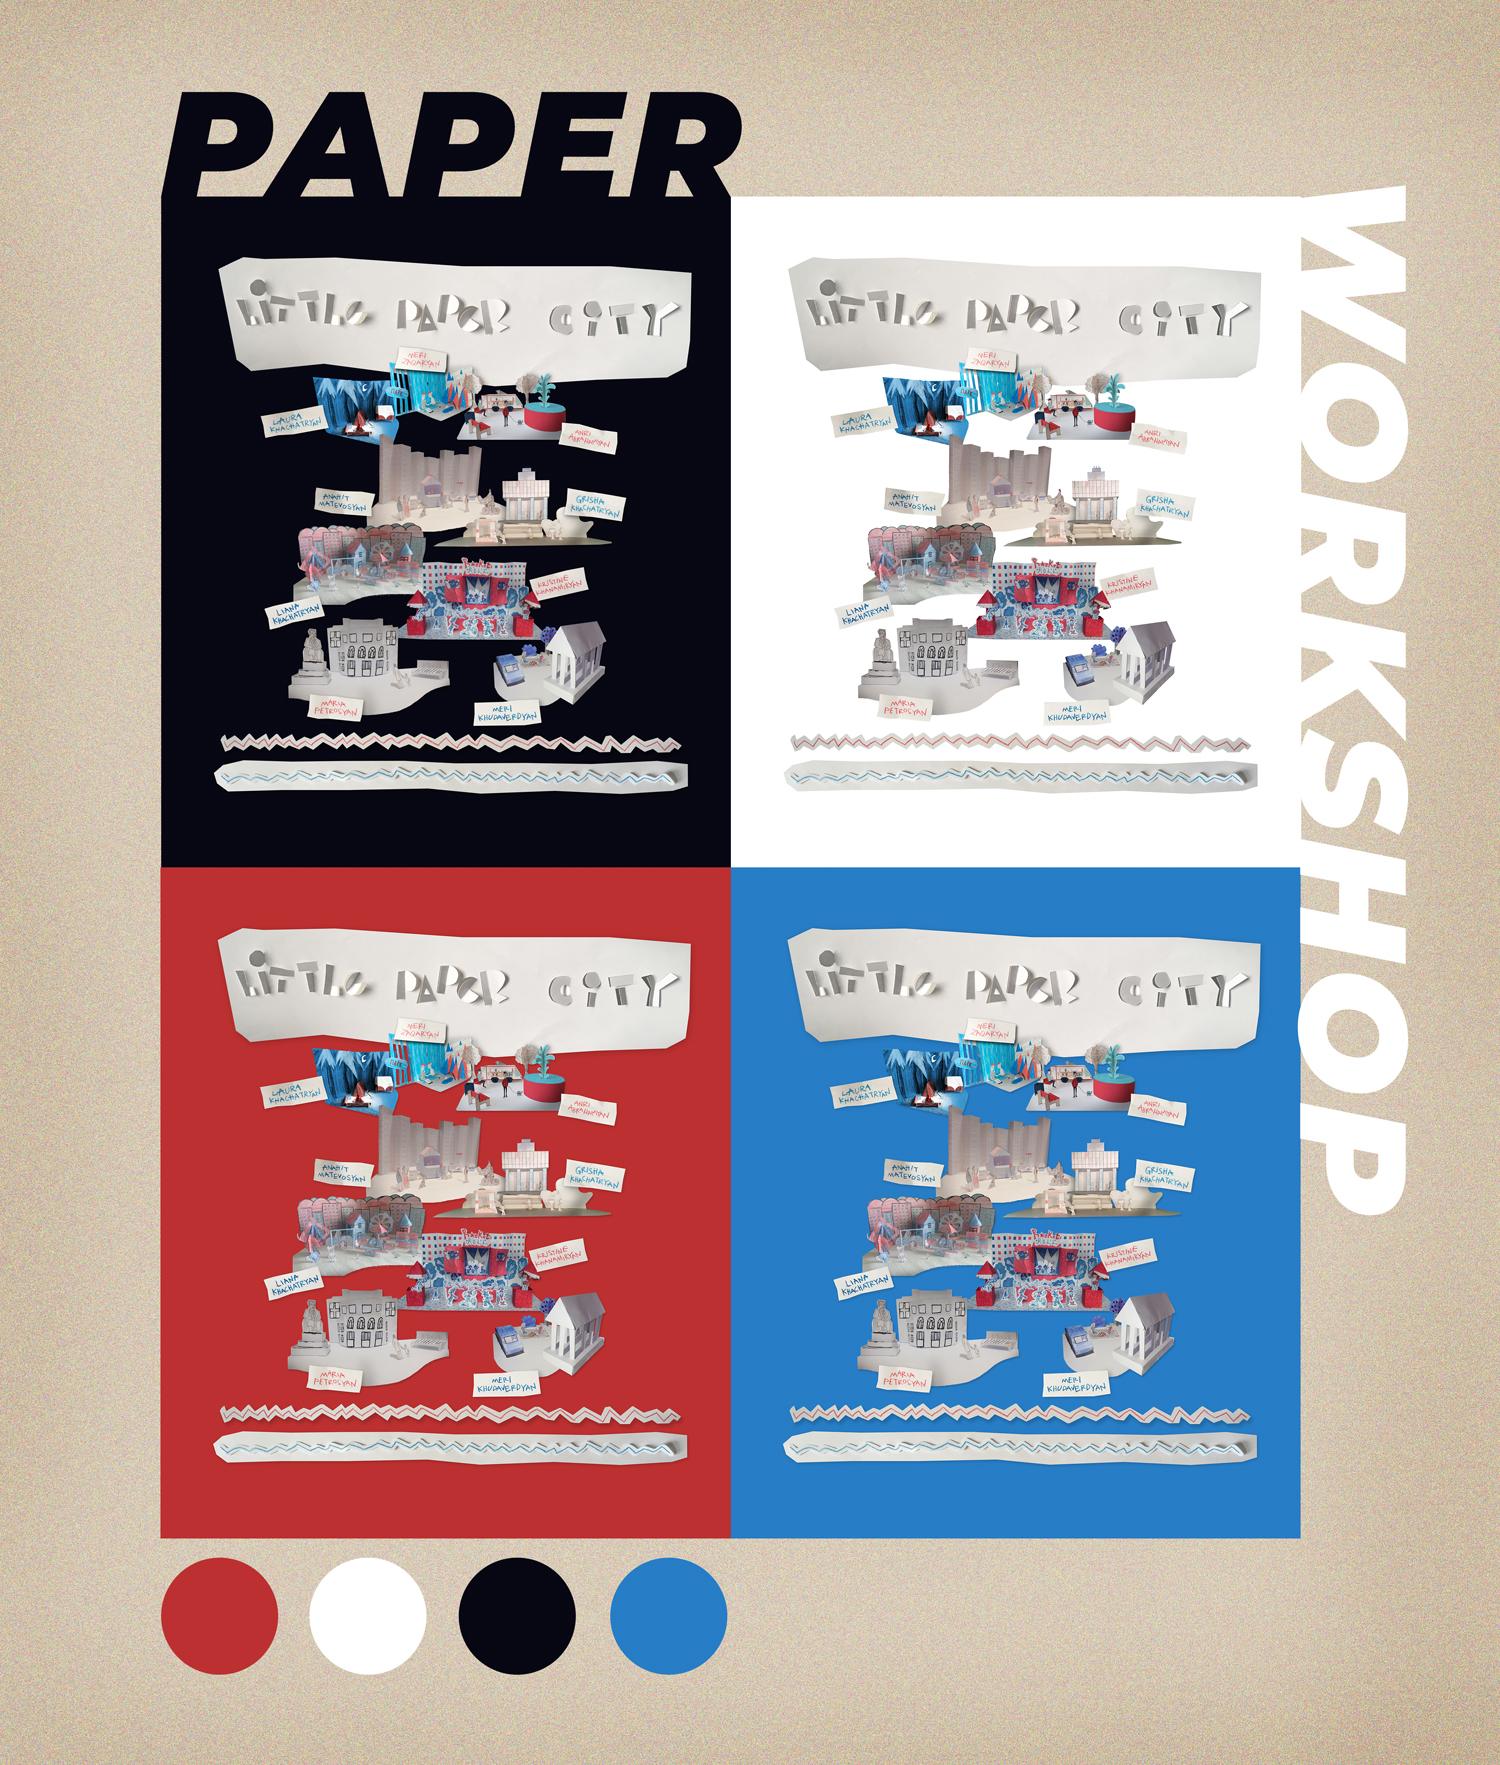 collage palette1 small - Փոքր թղթե քաղաքներ տանը